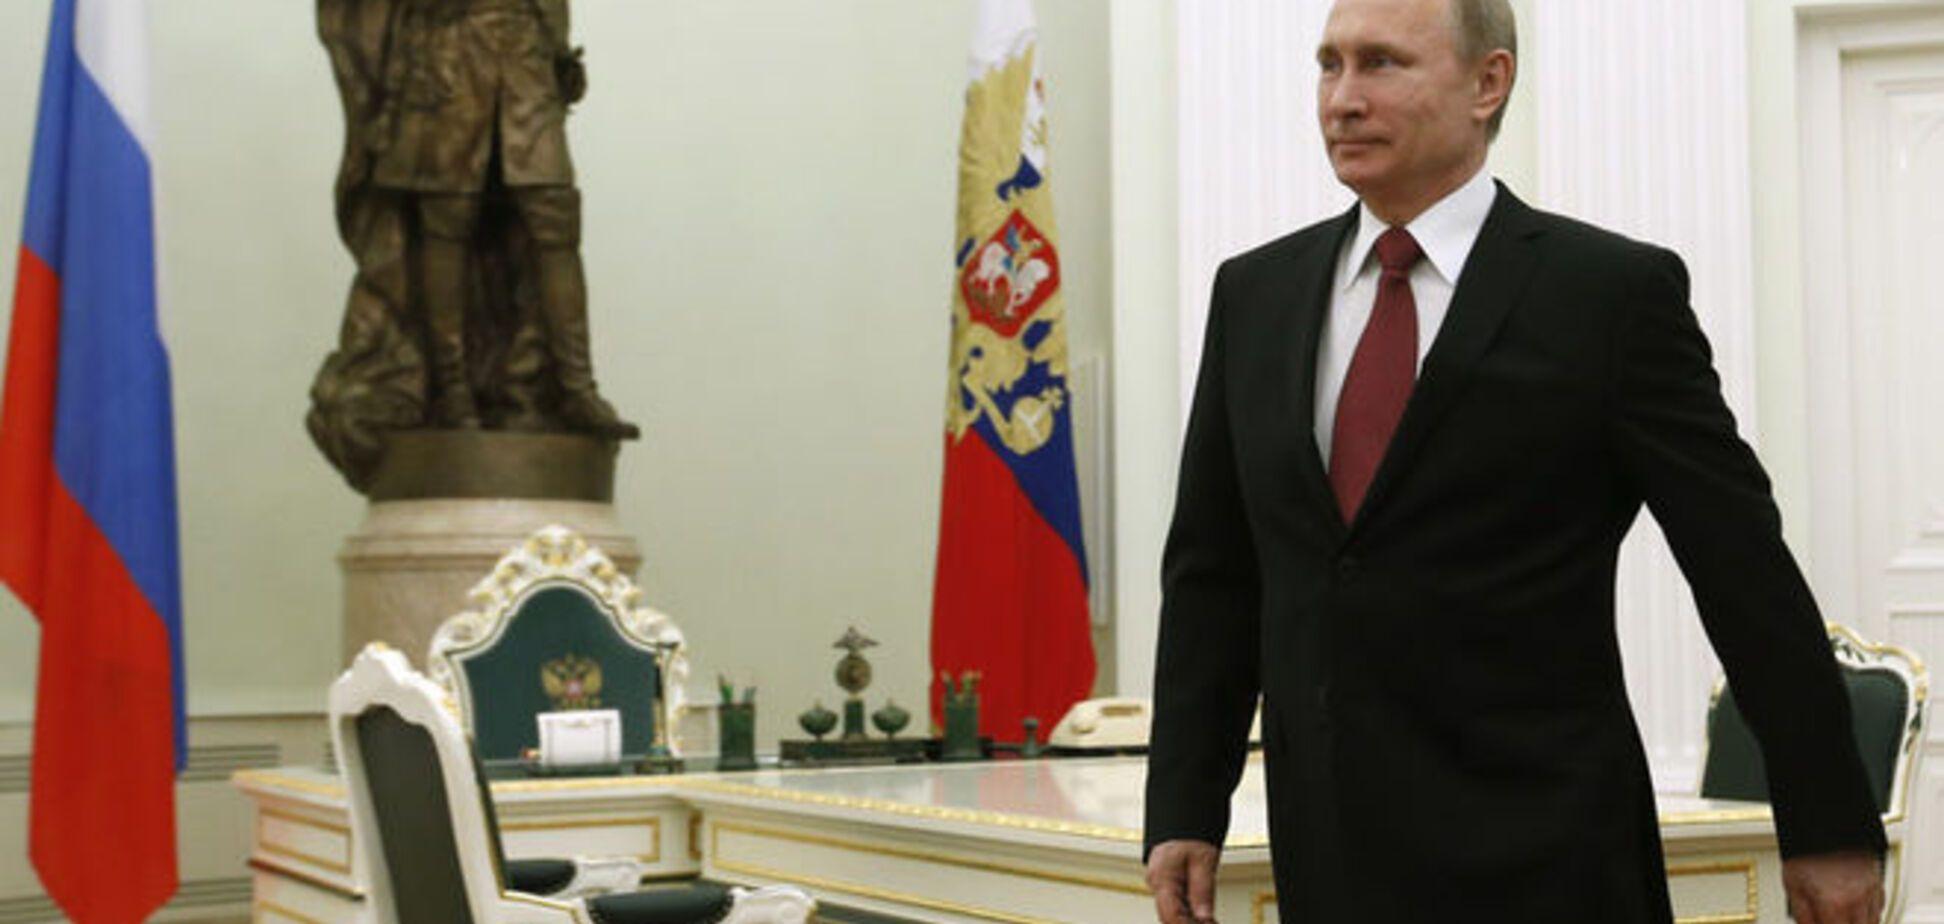 В Евросоюзе заинтересовались признанием Путина в аннексии Крыма